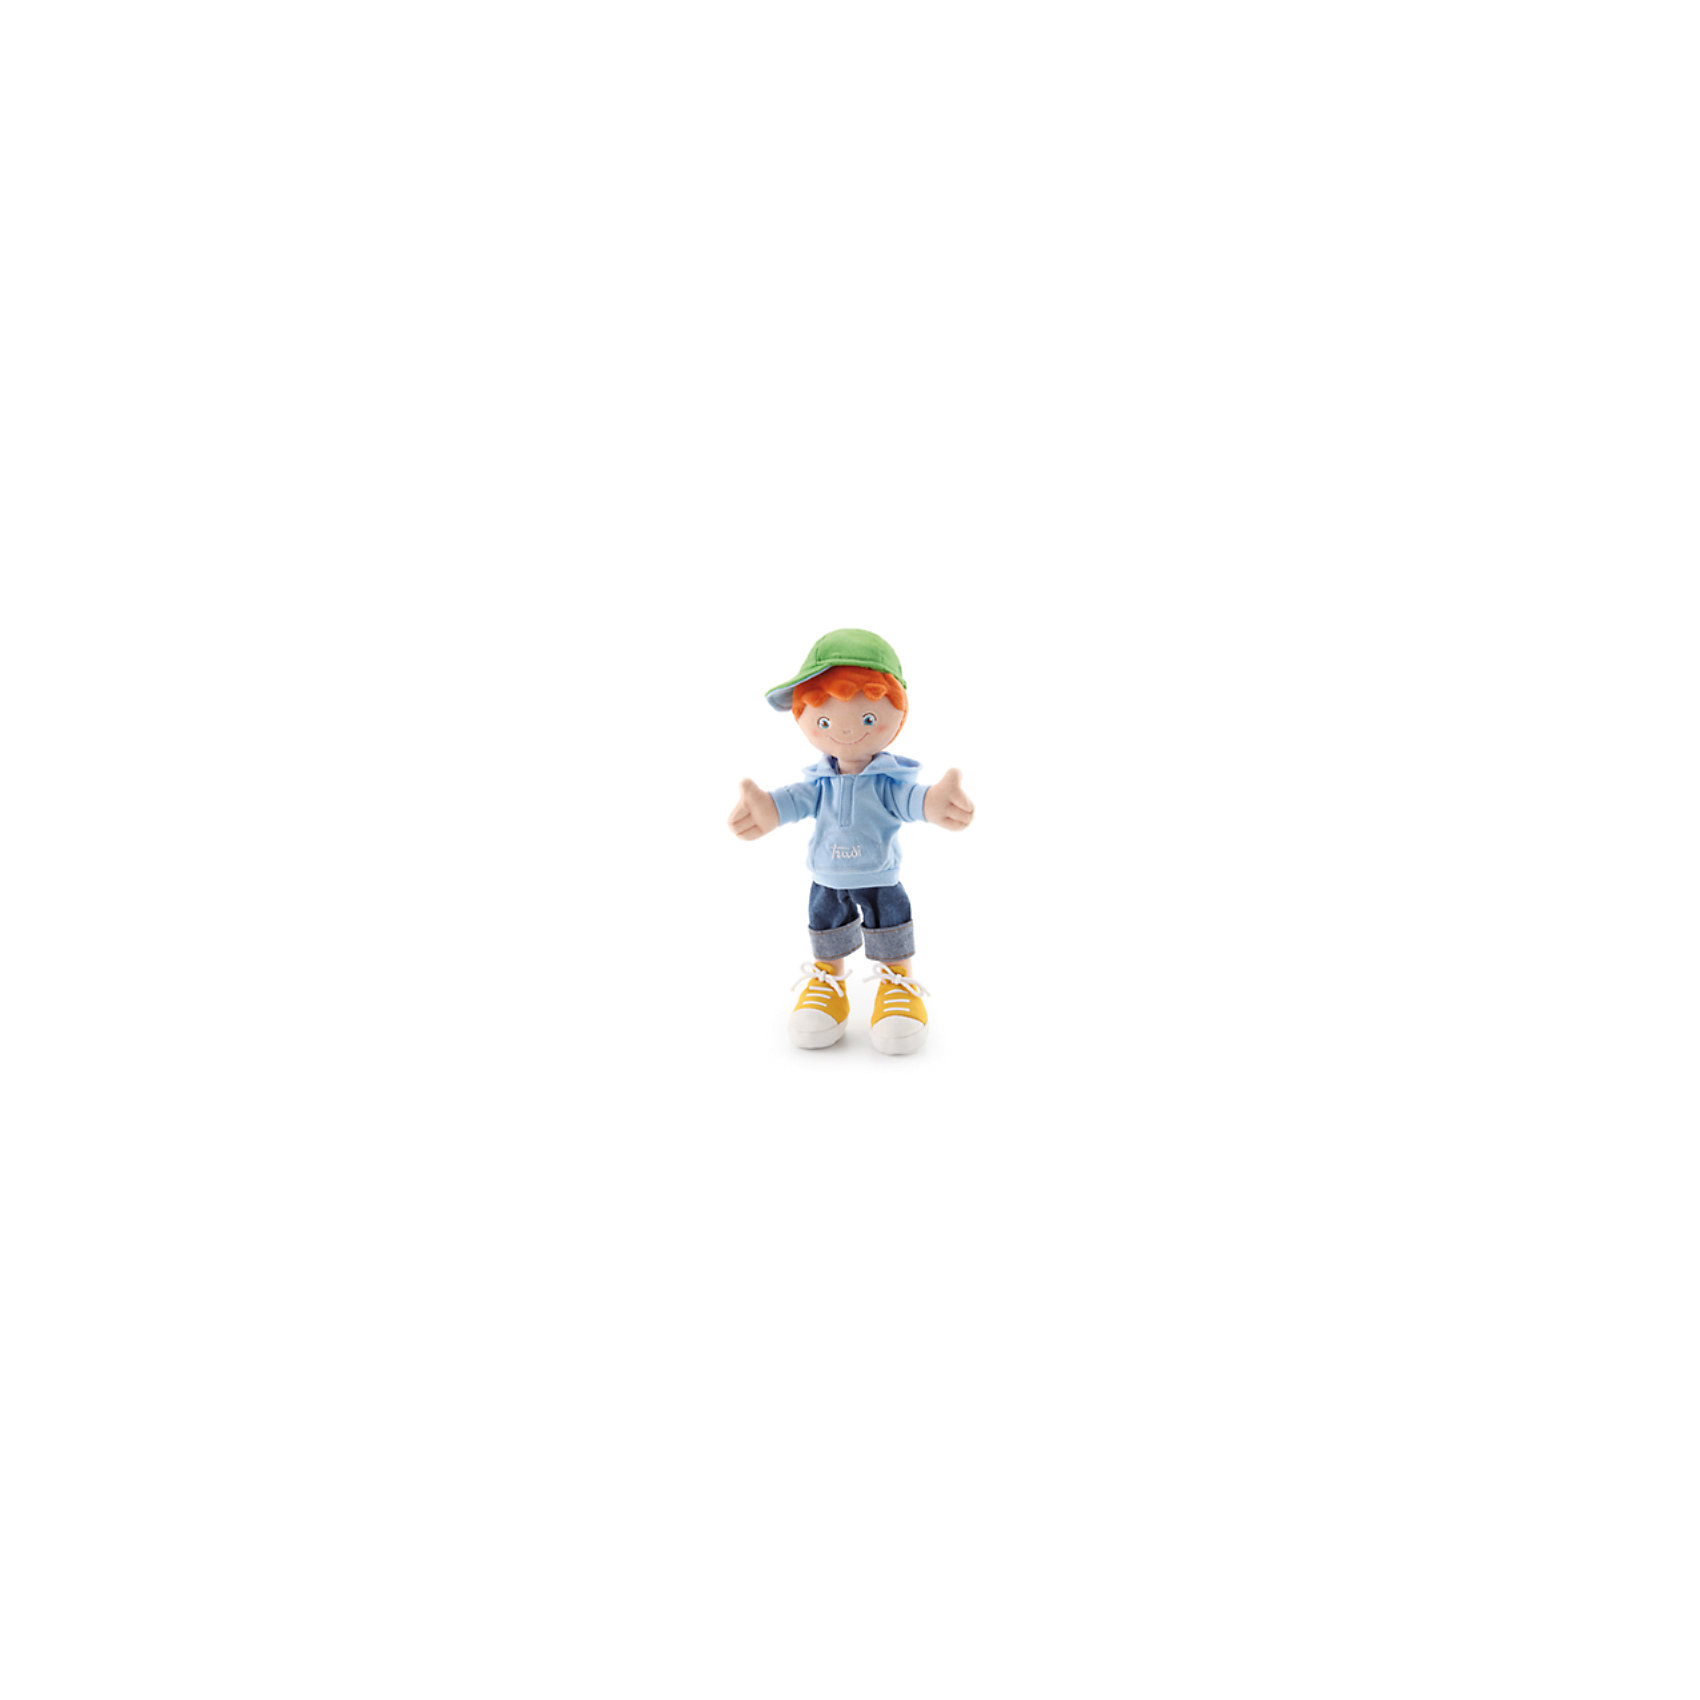 Мальчик в кепке, 30 см, TrudiМальчик в кепке, 30 см. от популярного итальянского бренда Trudi (Труди) станет первым другом малыша с самого рождения. Кукла изготовлена из безопасных материалов, не содержит мелких деталей и разработана специально для новорожденных. Приятные цвета и реалистичная одежда, которая снимается придут по вкусу крохе, а красивые голубые глаза убеждают в том, что мальчик будто живой. Детишки постарше смогут играть с куклой в дочки-матери и отрабатывать социальные навыки. Игрушка поможет развить воображение, навыки общения, моторику рук, а также тактильное и цветовое восприятие.   <br>Дополнительная информация:<br><br>- Состав: текстиль<br>- Размер: 24 см. <br><br>Мальчика в кепке, 30 см, Trudi (Труди) можно купить в нашем интернет-магазине.<br>Подробнее:<br>• Для детей в возрасте: от 0 месяцев <br>• Номер товара: 5055275<br>Страна производитель: Китай<br><br>Ширина мм: 135<br>Глубина мм: 90<br>Высота мм: 300<br>Вес г: 200<br>Возраст от месяцев: -2147483648<br>Возраст до месяцев: 2147483647<br>Пол: Женский<br>Возраст: Детский<br>SKU: 5055275